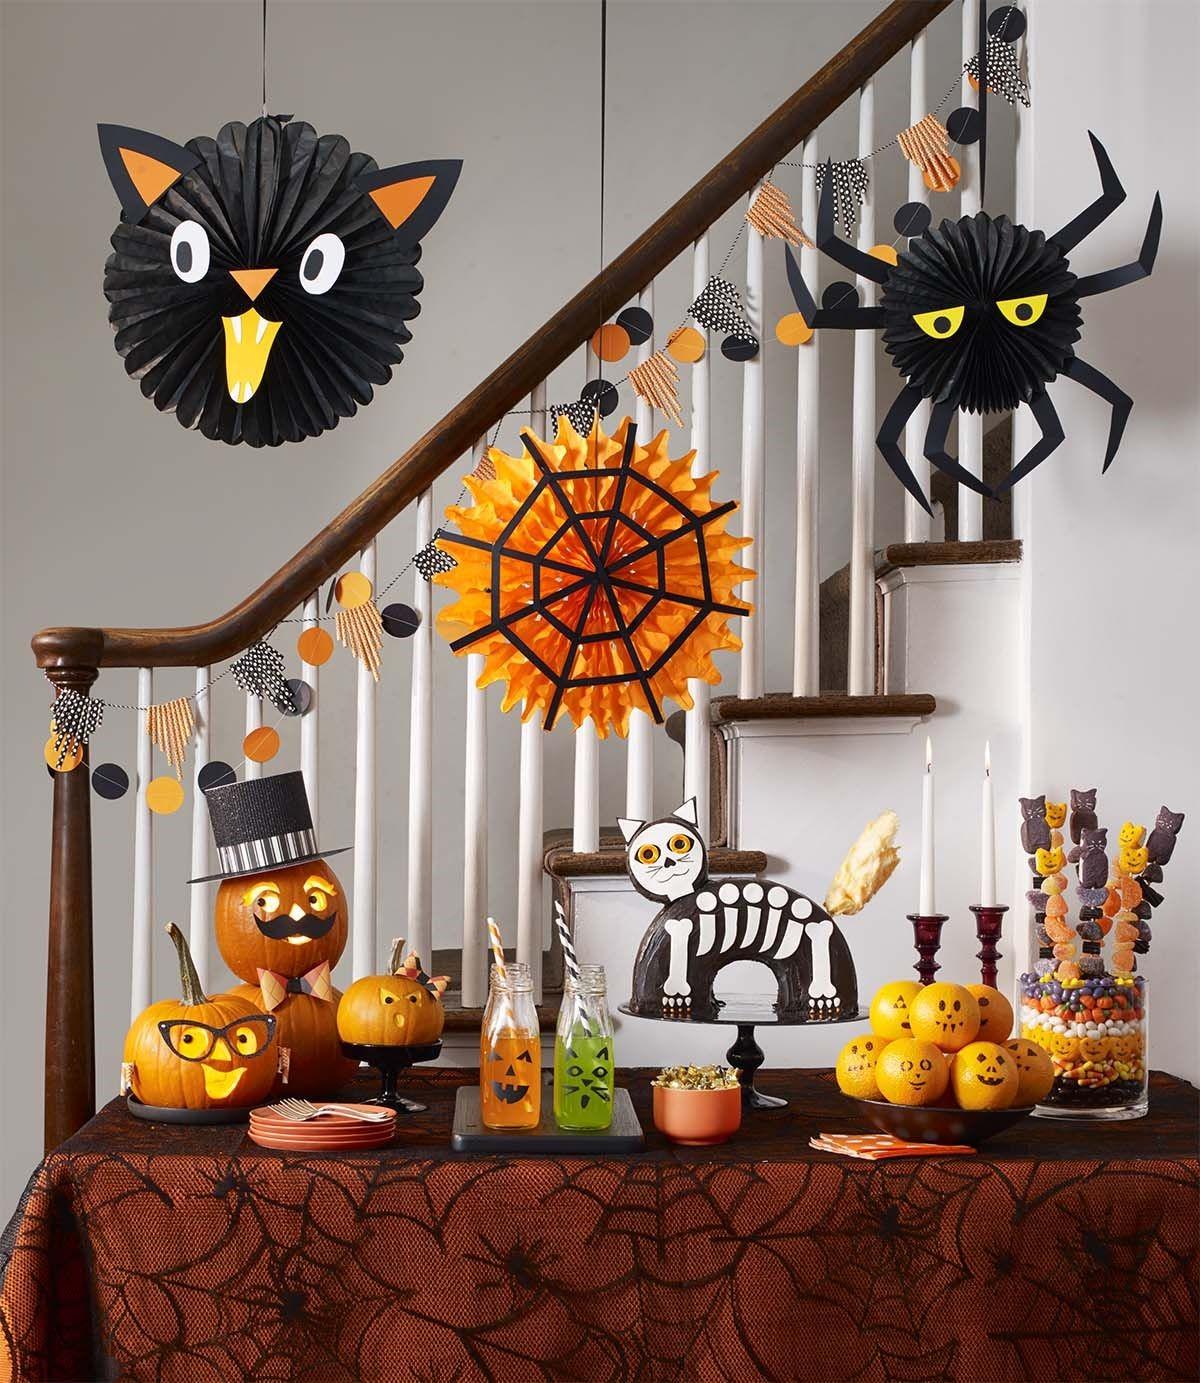 Au fil du temps, Halloween a évolué en une journée d'activités telles que la chasse aux bonbons, la sculpture des jack-o'-lanterns, des rassemblements festifs, la confection de costumes et la dégustation de friandises.